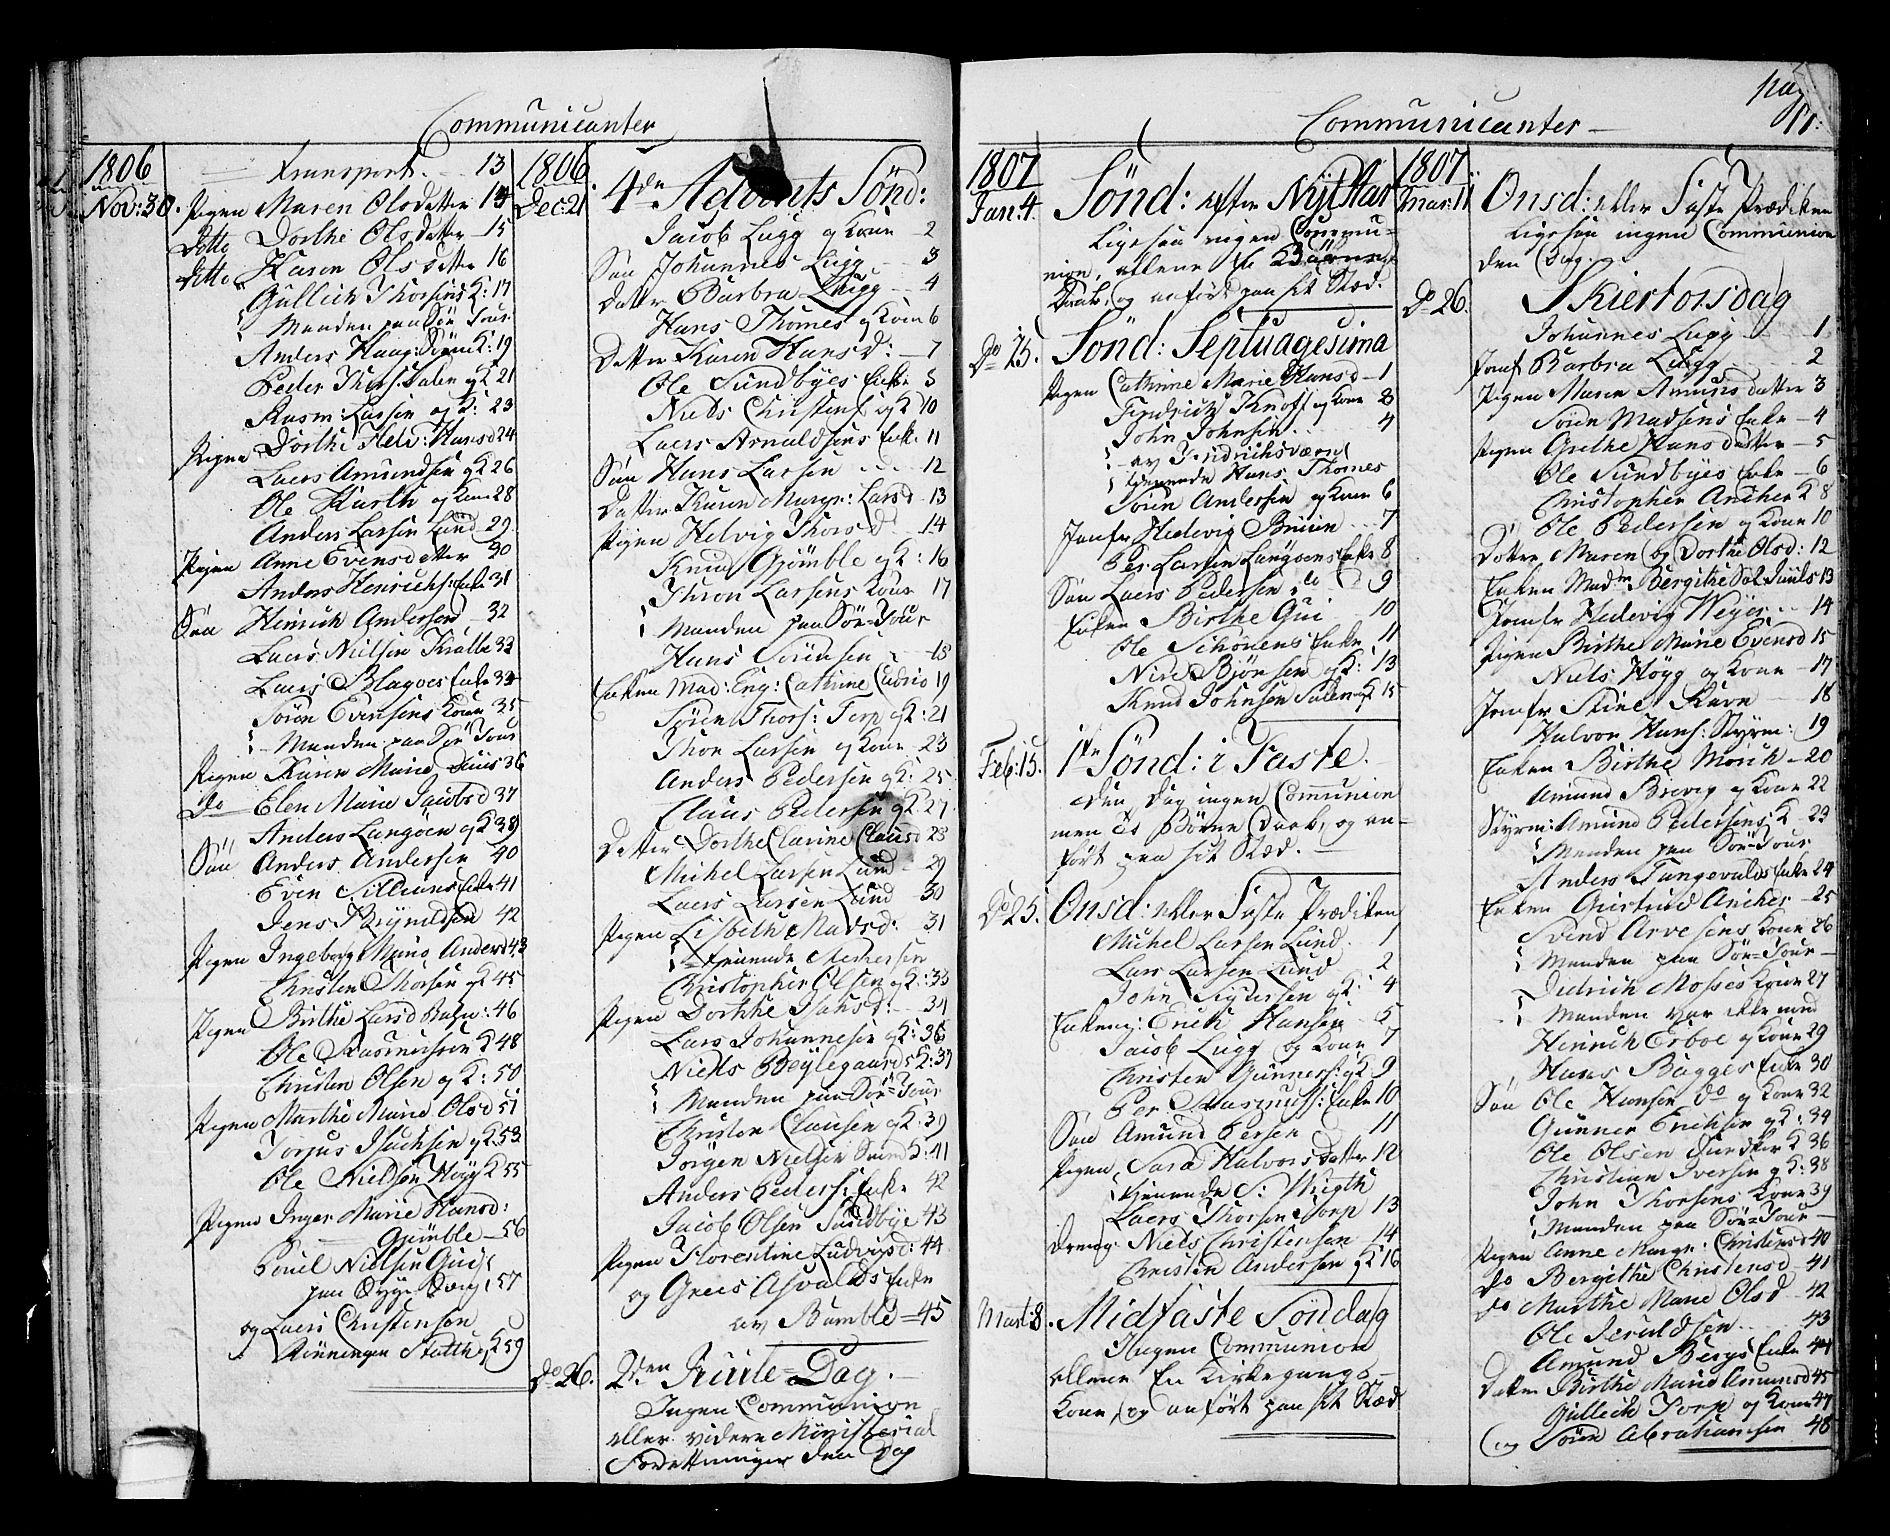 SAKO, Langesund kirkebøker, G/Ga/L0002: Klokkerbok nr. 2, 1801-1815, s. 17